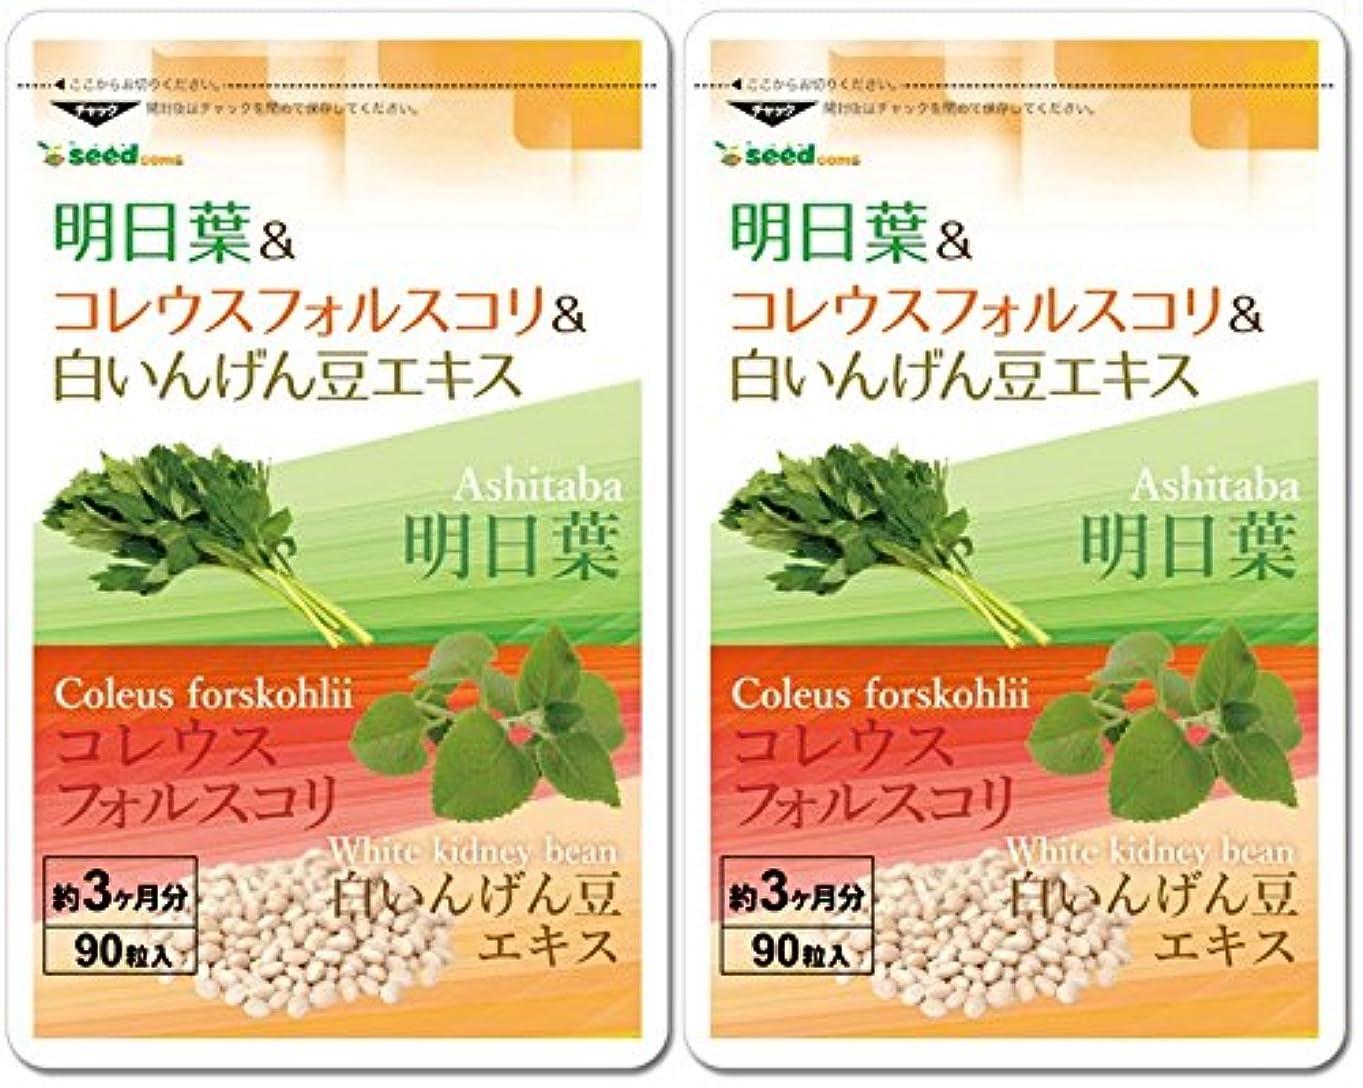 推定する安全性必須明日葉&コレウスフォルスコリ&白いんげん豆エキス (約6ヶ月分/180粒) スッキリ&燃焼系&糖質バリアの3大ダイエット成分